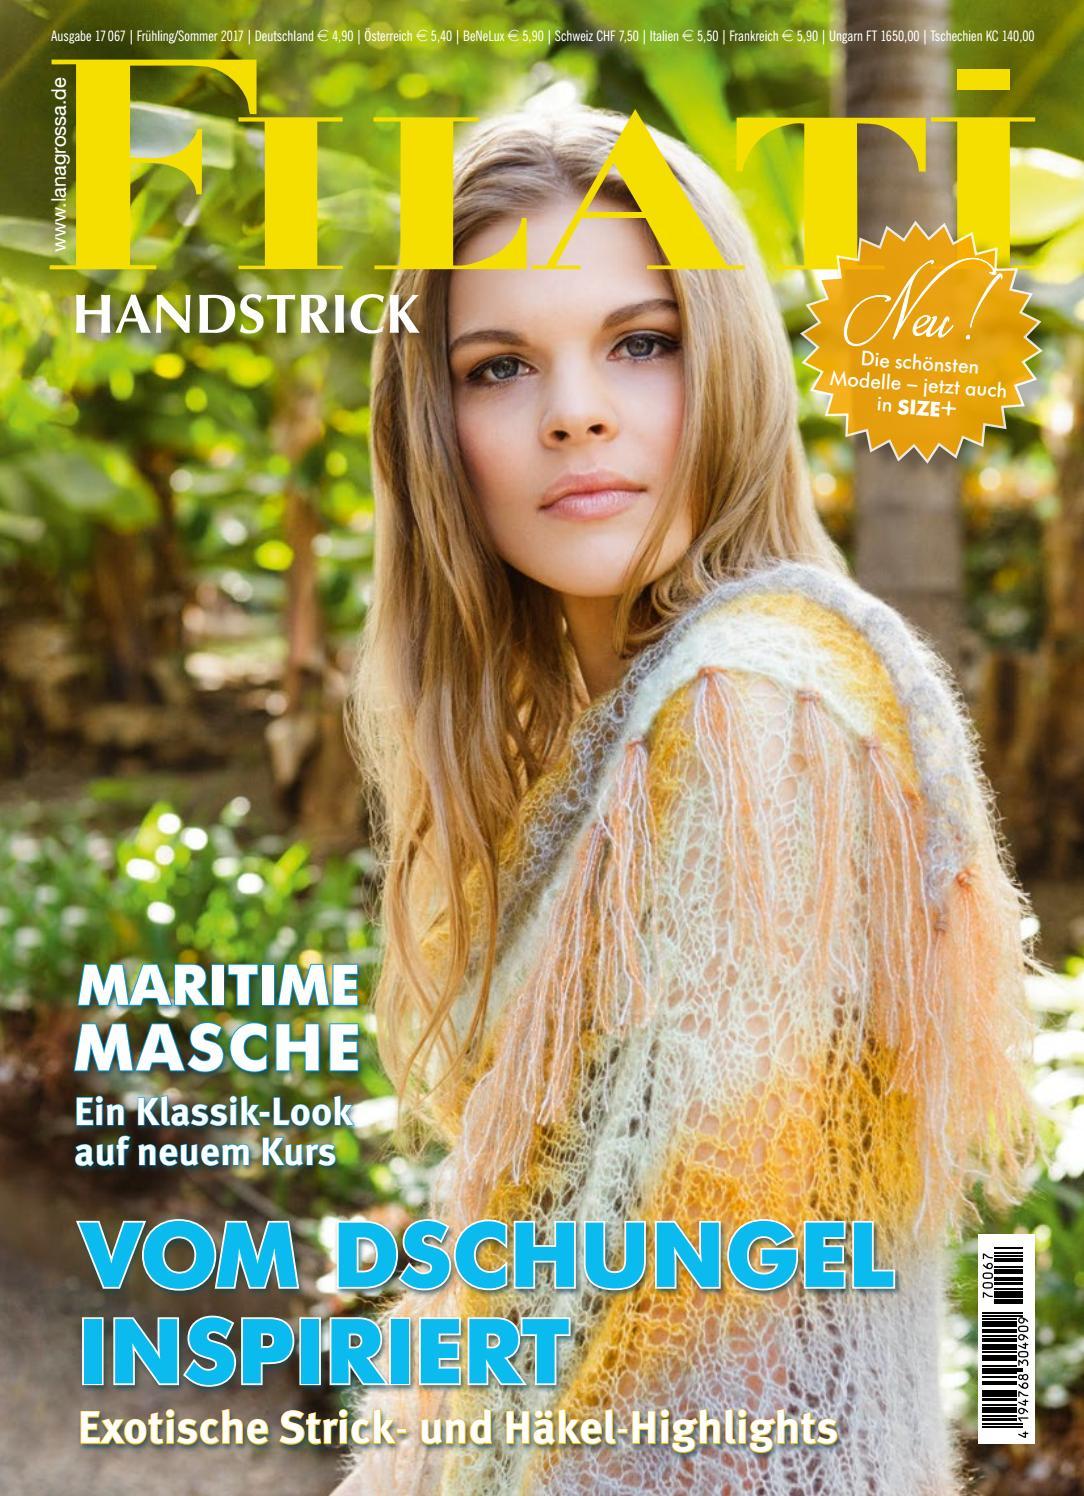 Ausg 43,Handstrick Frühjahr,11 Filati stricken,häkeln,Modelle,45 Anleitungen